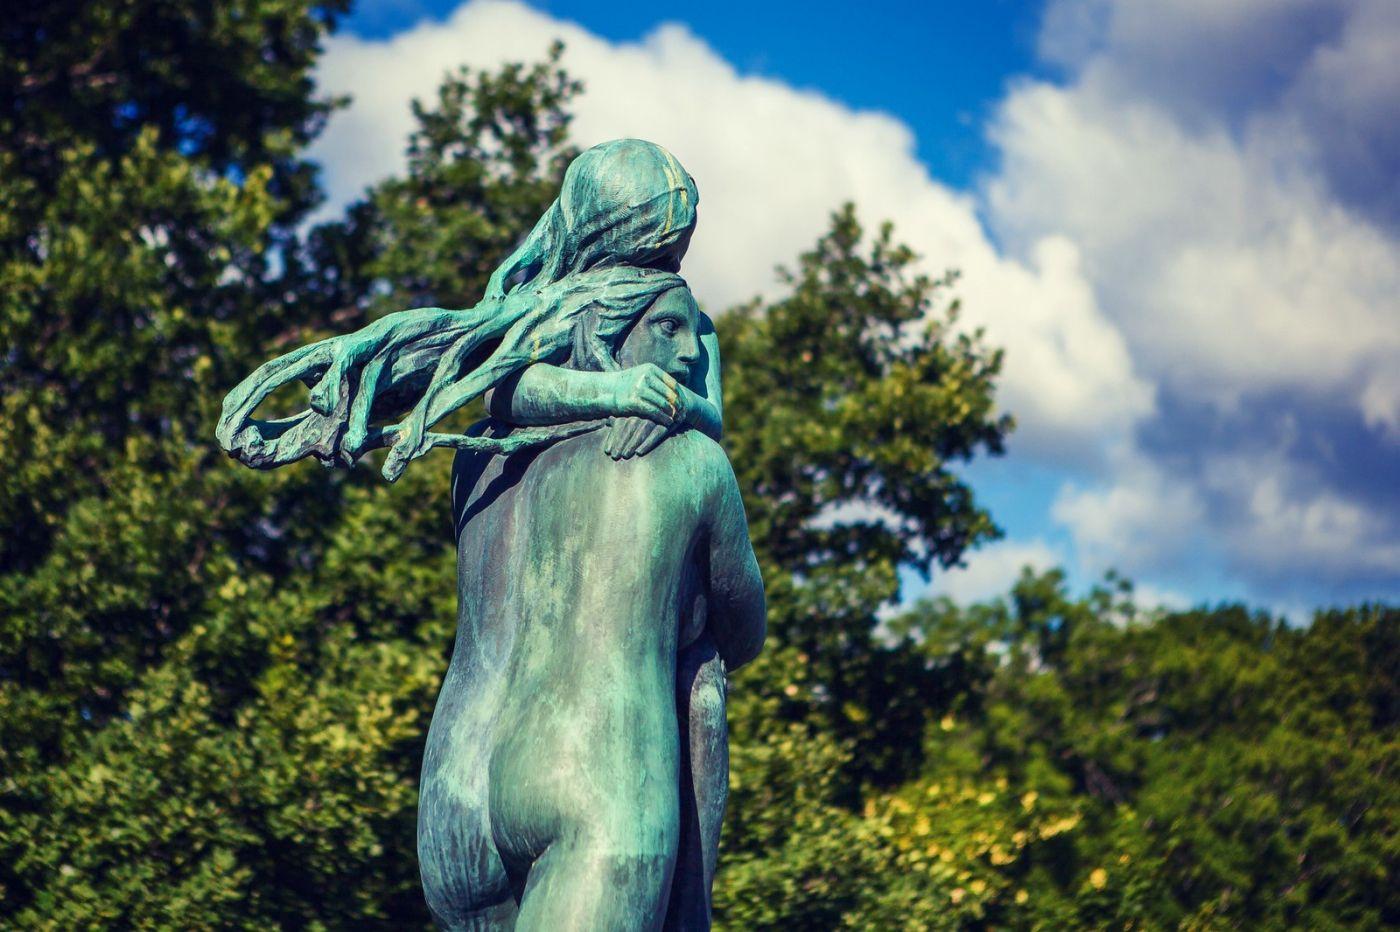 挪威维格兰雕塑公园,风格明显_图1-39